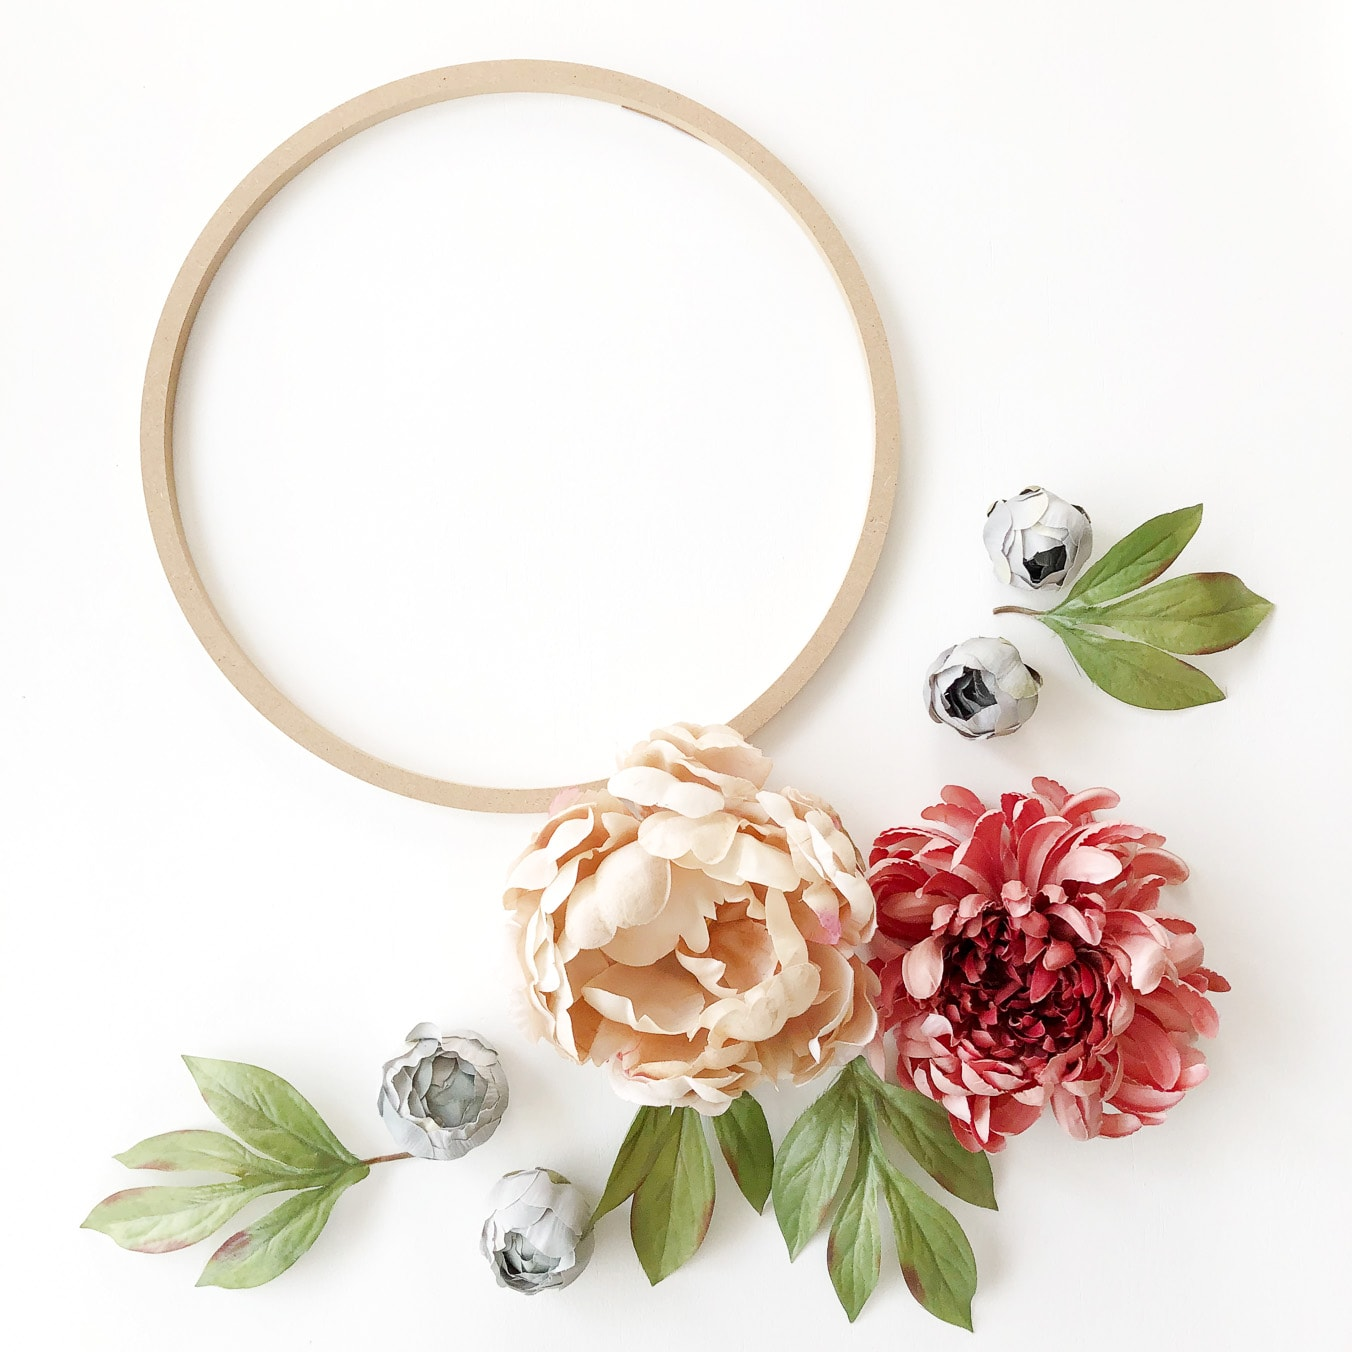 DIY Fall Floral Hoop Wreath